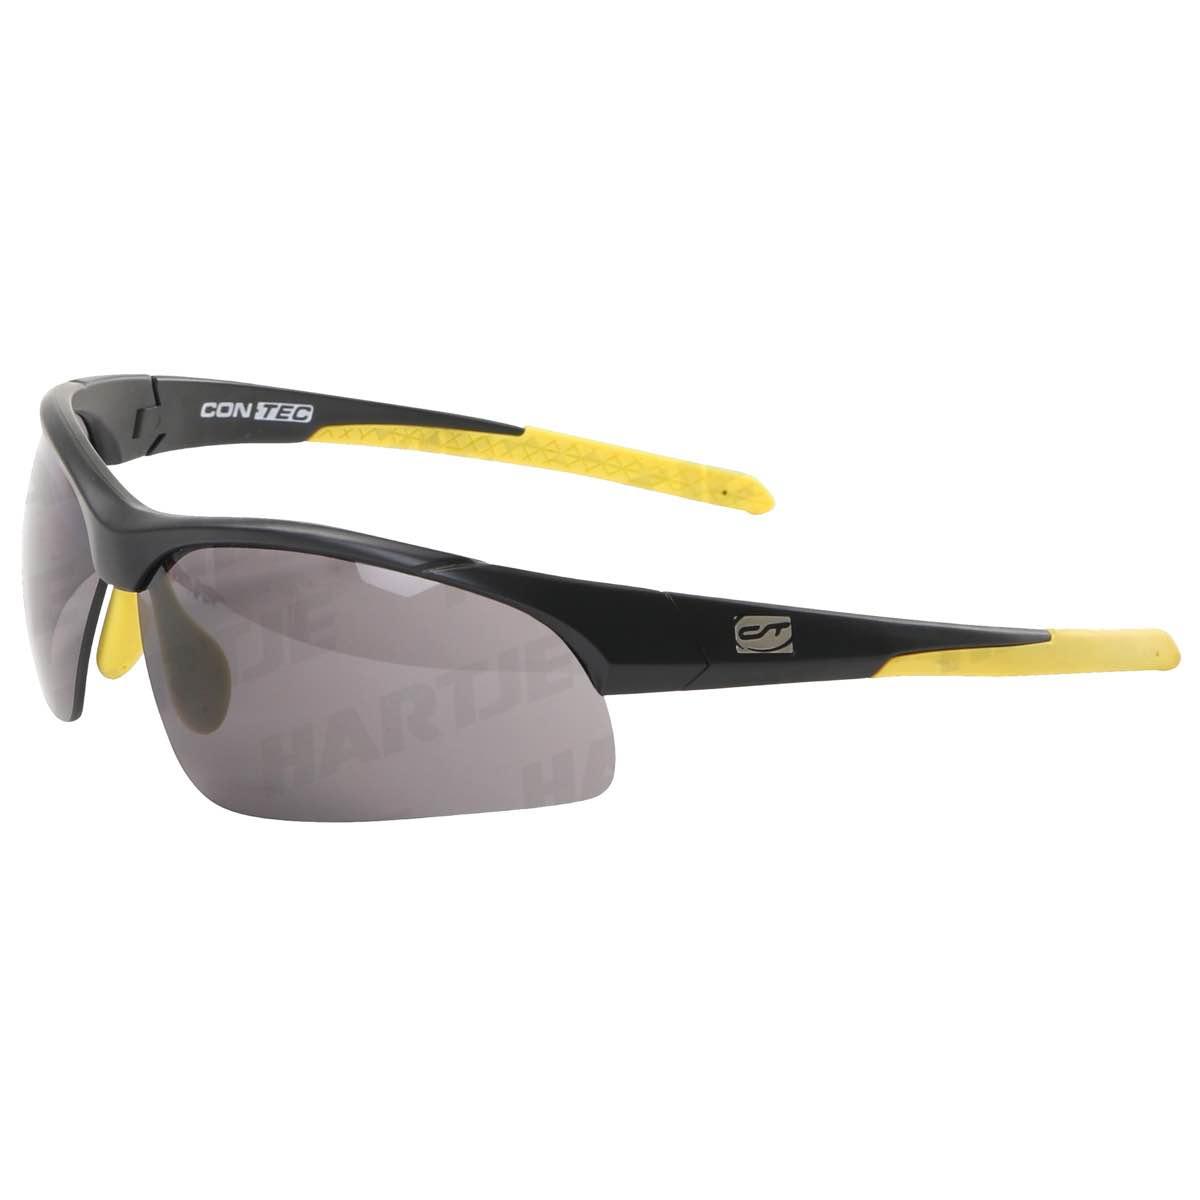 Cykelbrille Contec 3DIM Sort/Gul - 08049124 | Glasses